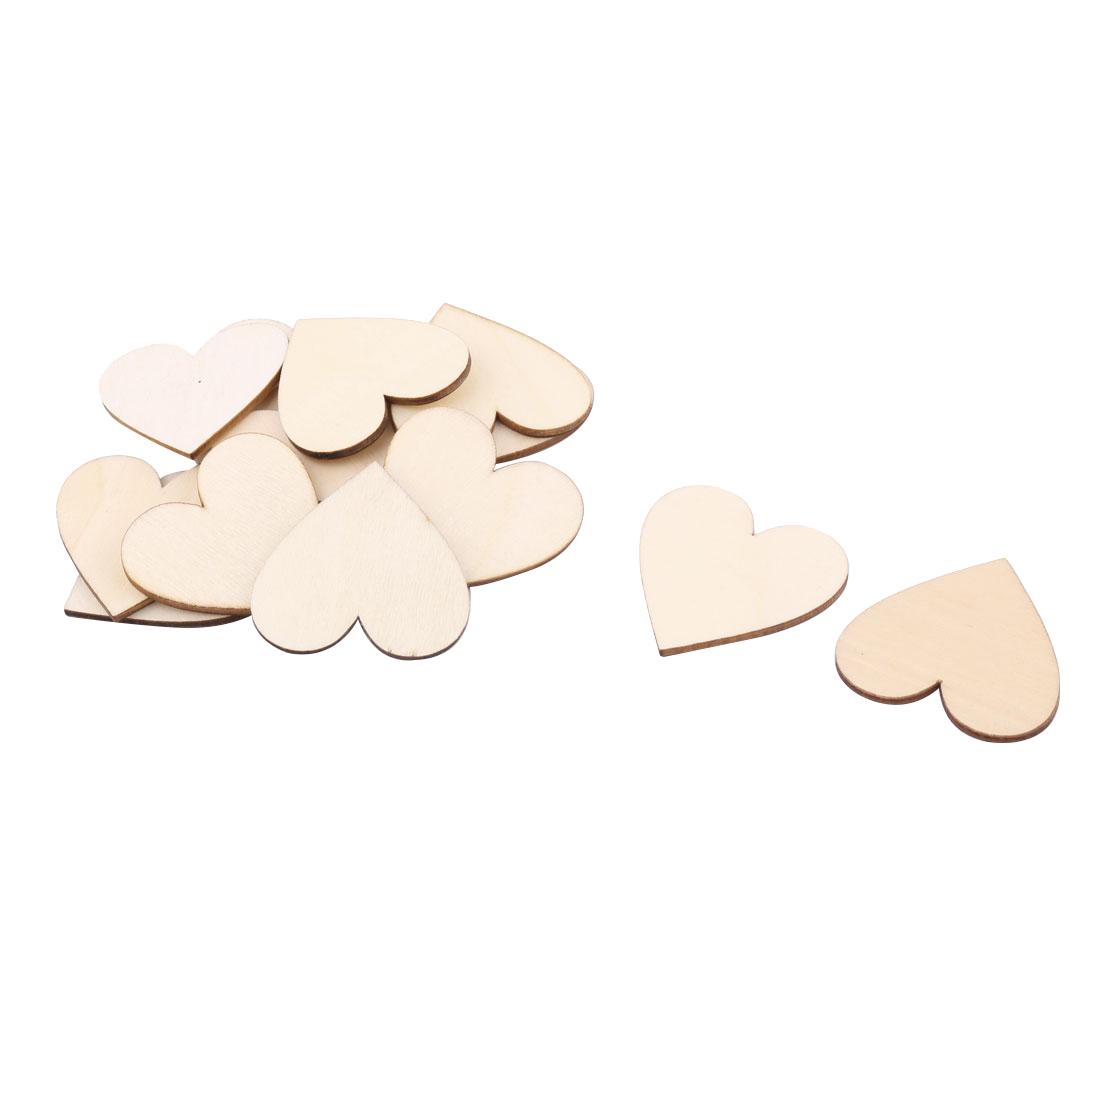 Wooden Love Heart Shaped Wedding Decor Art Craft DIY Accessories Beige 50 x 45mm 15 Pcs